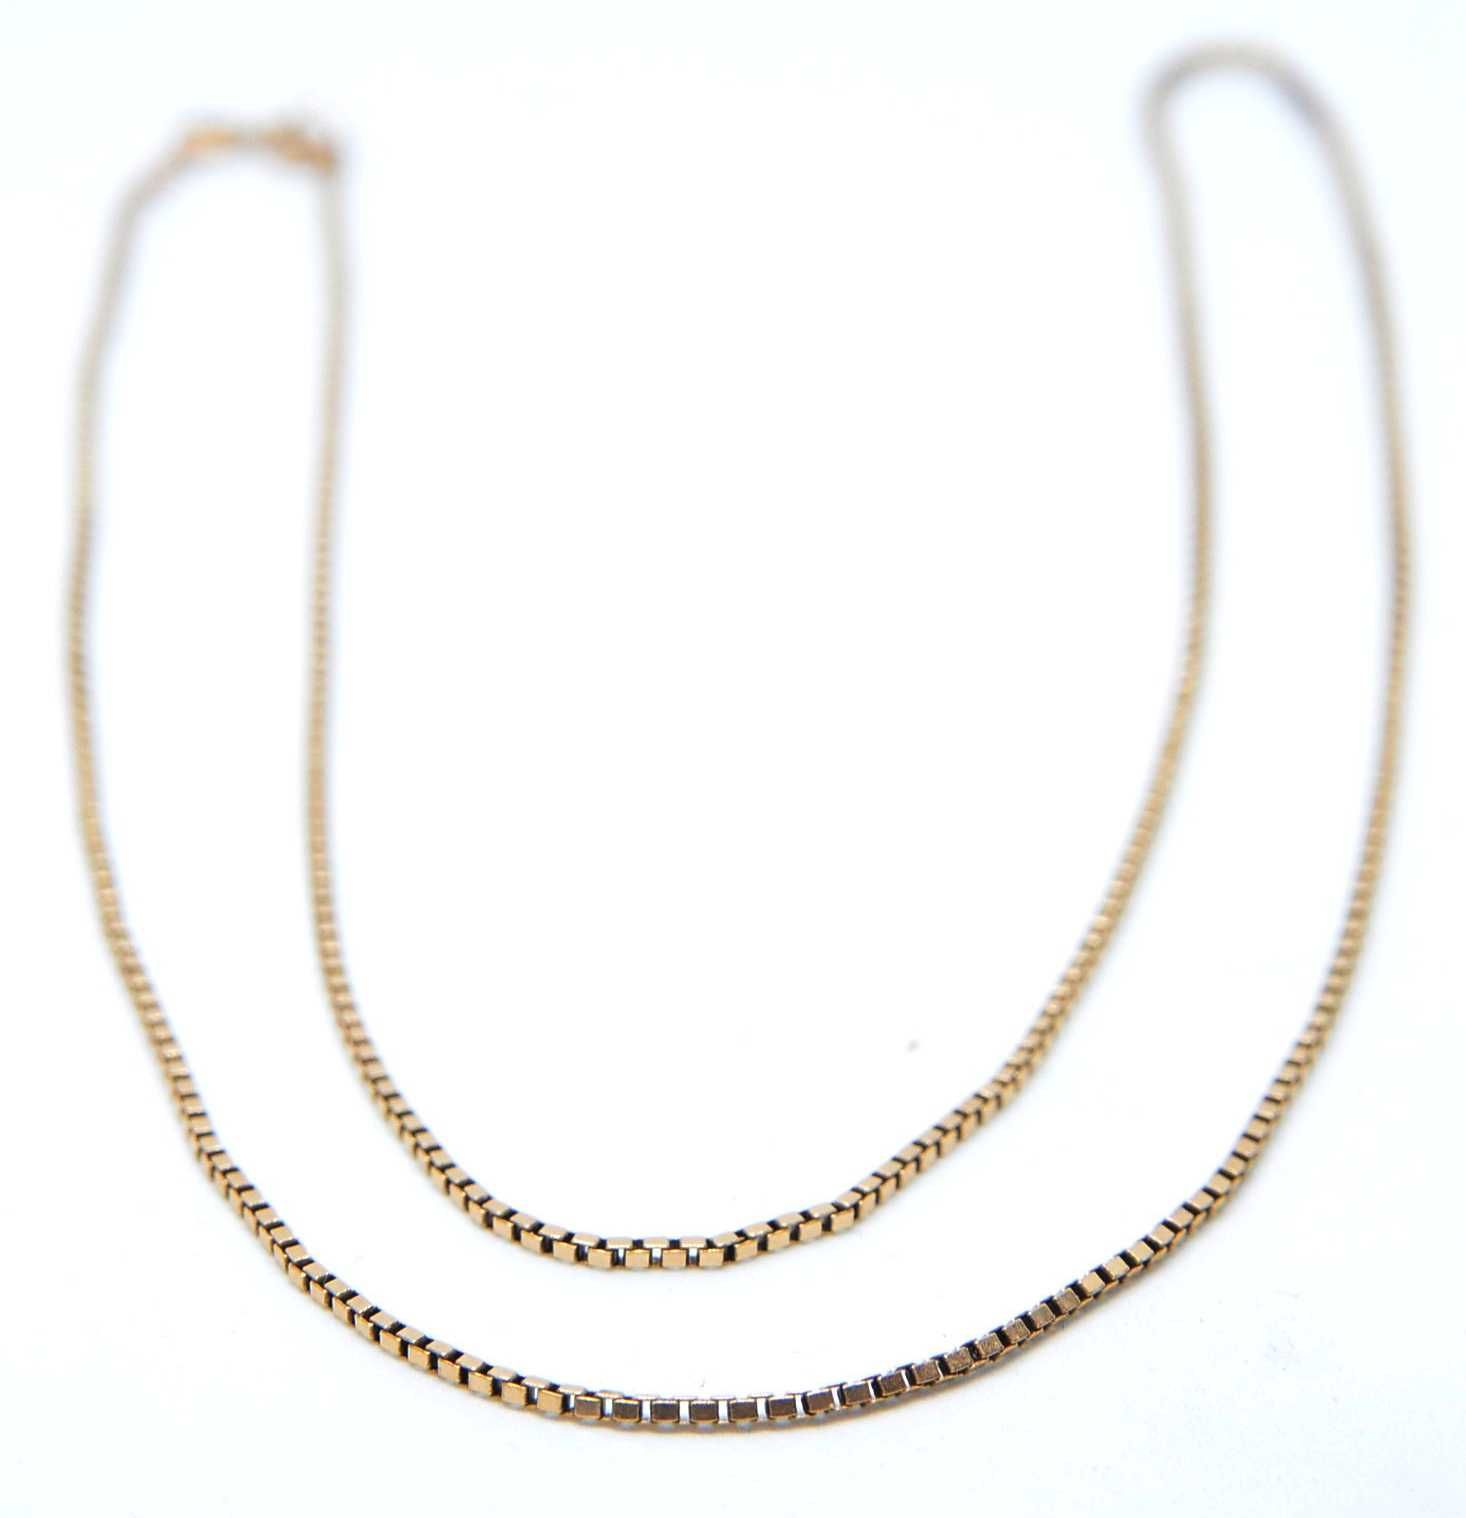 Złoty łańcuszek kostka 10k waga 5,02g długość 58cm Lombard Tarnów